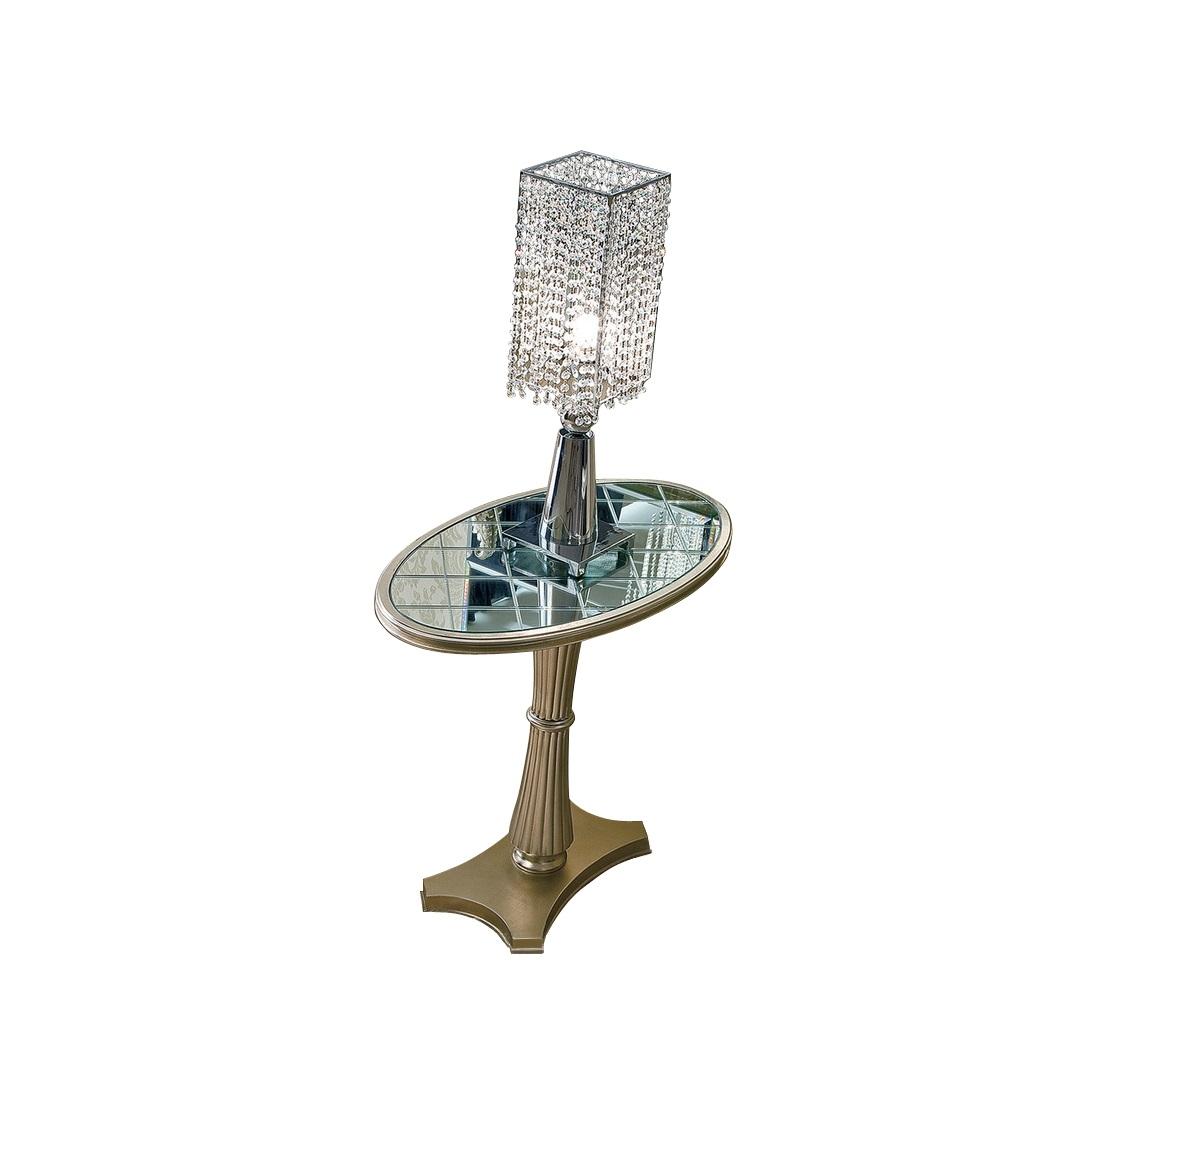 Столик FlorenceПриставные столики<br>Небольшой придиванный столик выполнен из дерева и покрыт сусальным серебром. Столешница выложена зеркальной мозаикой. Основание оригинальной формы и ножка в виде перехваченного посередине снопа.<br><br>Material: Дерево<br>Ширина см: 80.0<br>Высота см: 72.0<br>Глубина см: 45.0